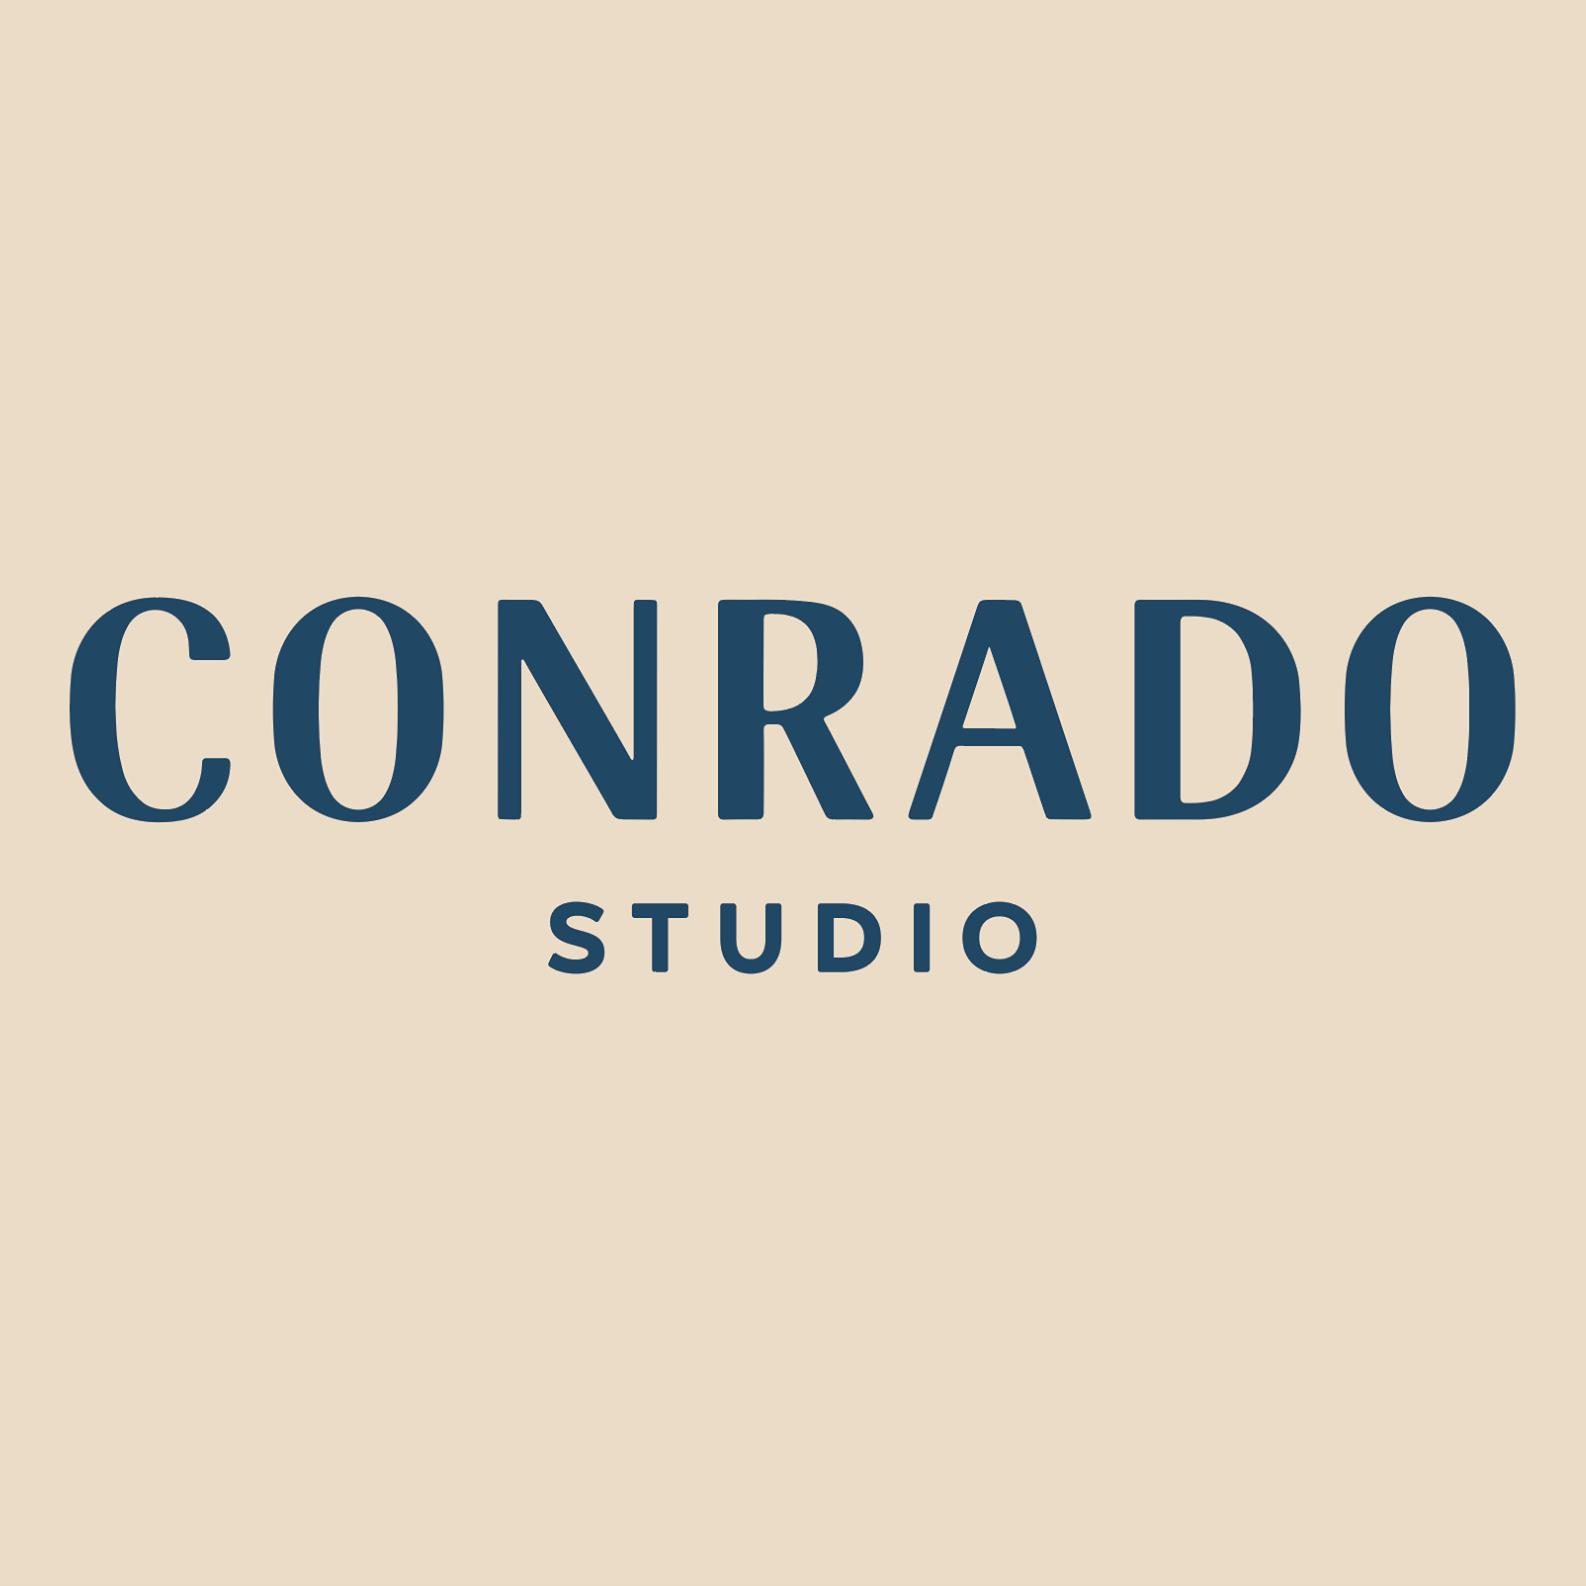 Conrado Studio